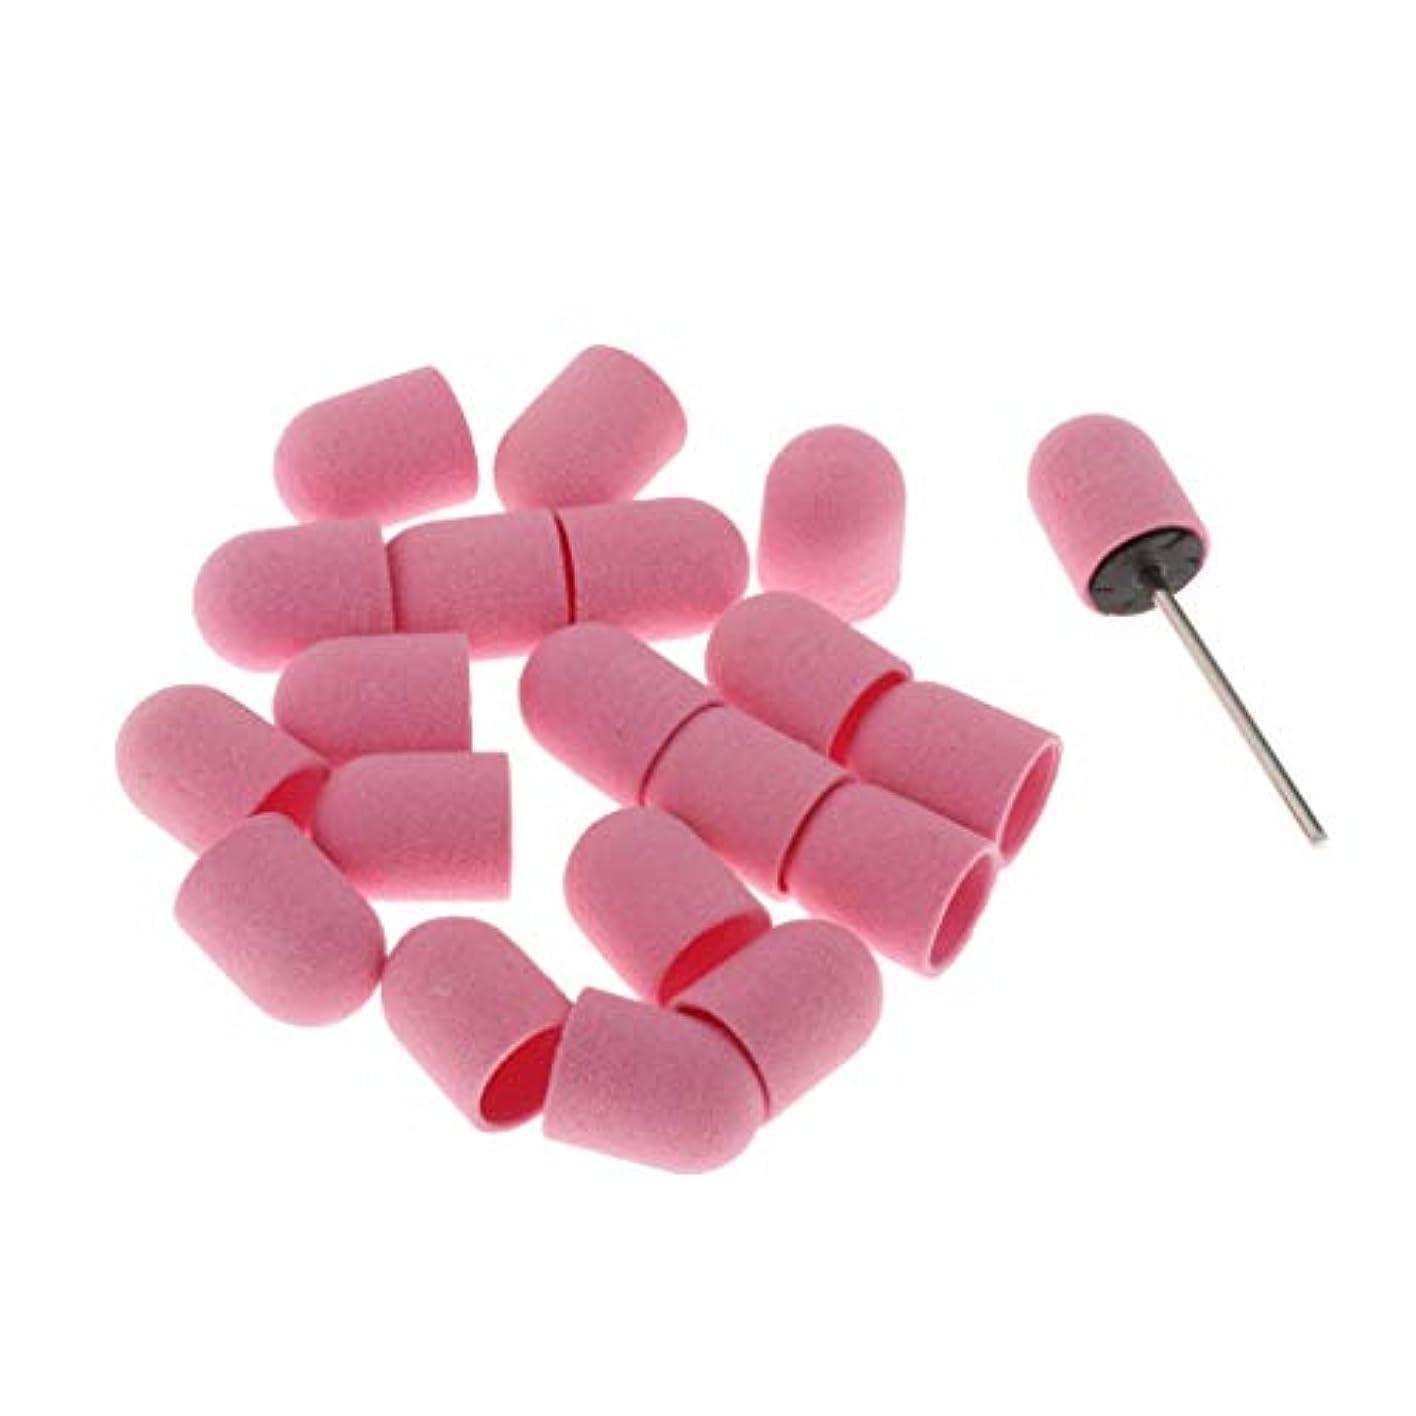 しゃがむ面積便益SM SunniMix マニキュア ドリルビットバフ 研磨ビットキャップ 研削ビットバフ ネイルアート 用品 約20本 全5カラー - ピンク